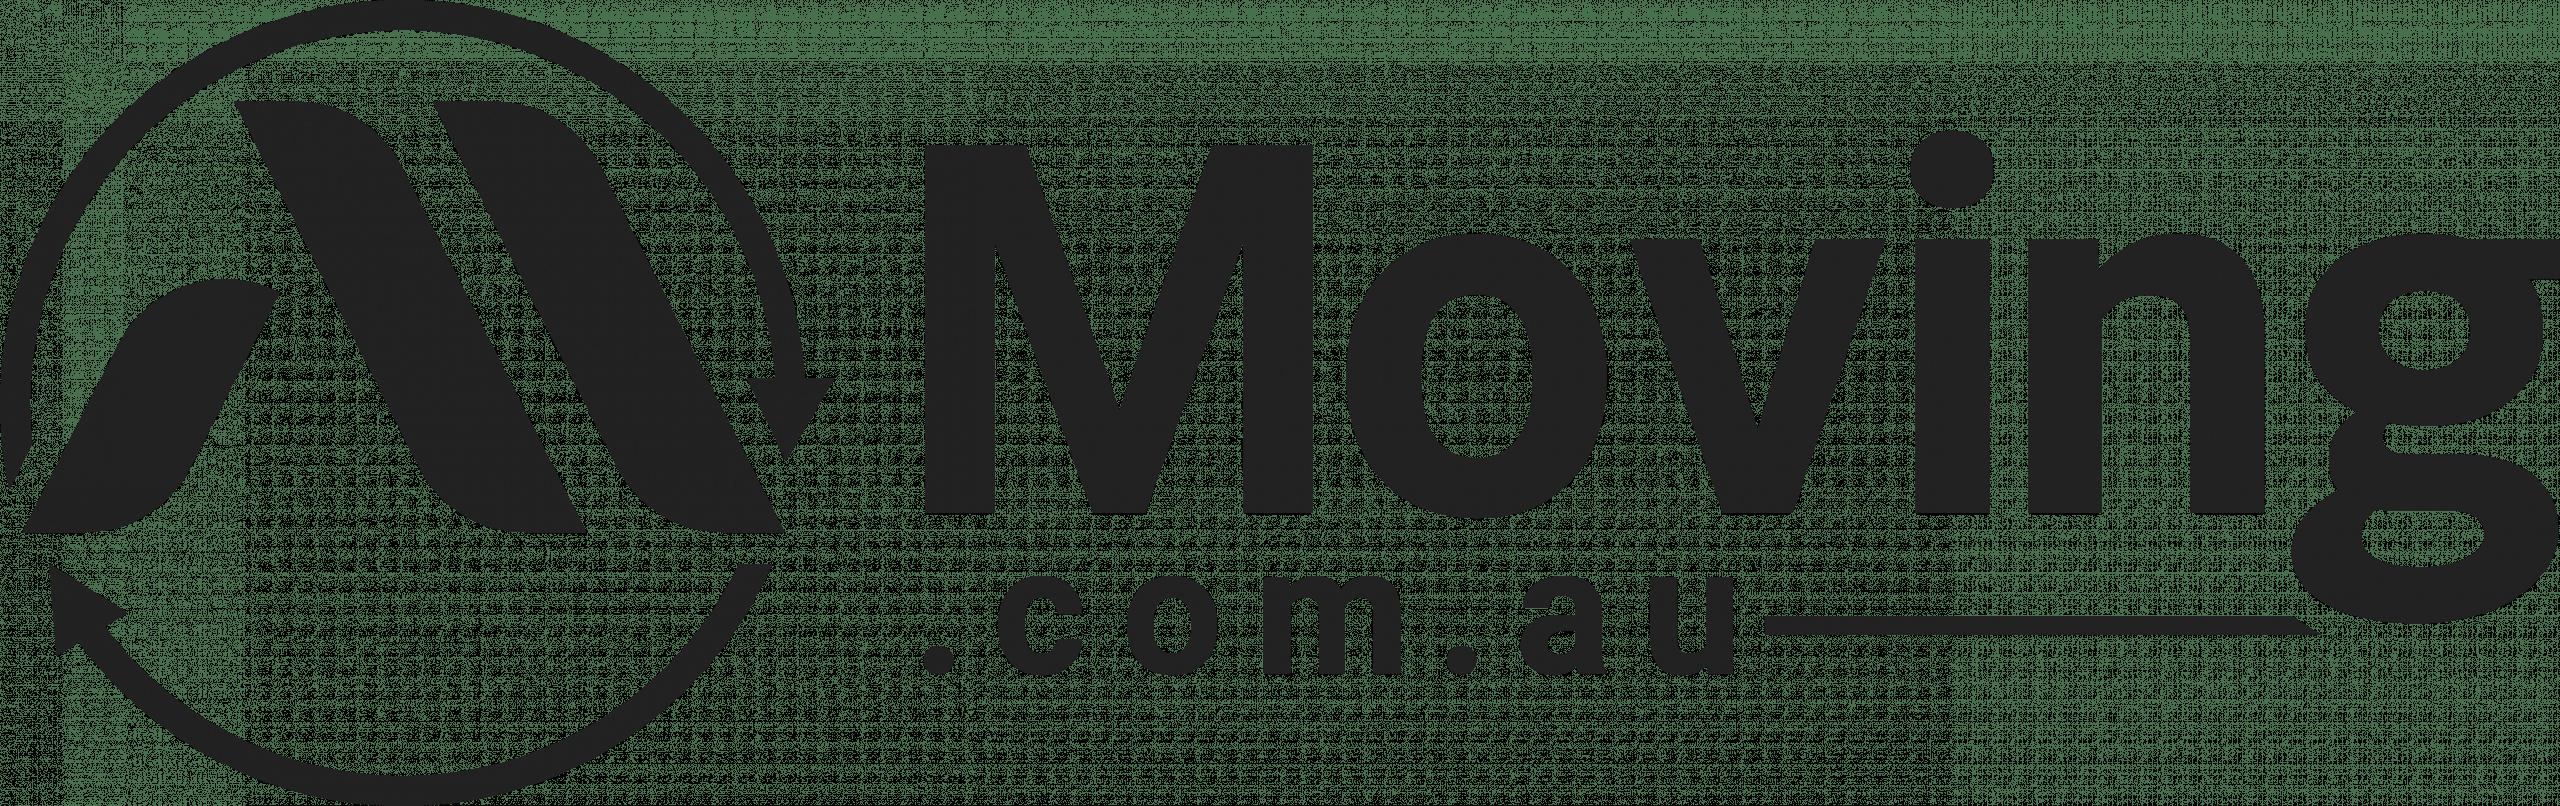 Moving.com.au